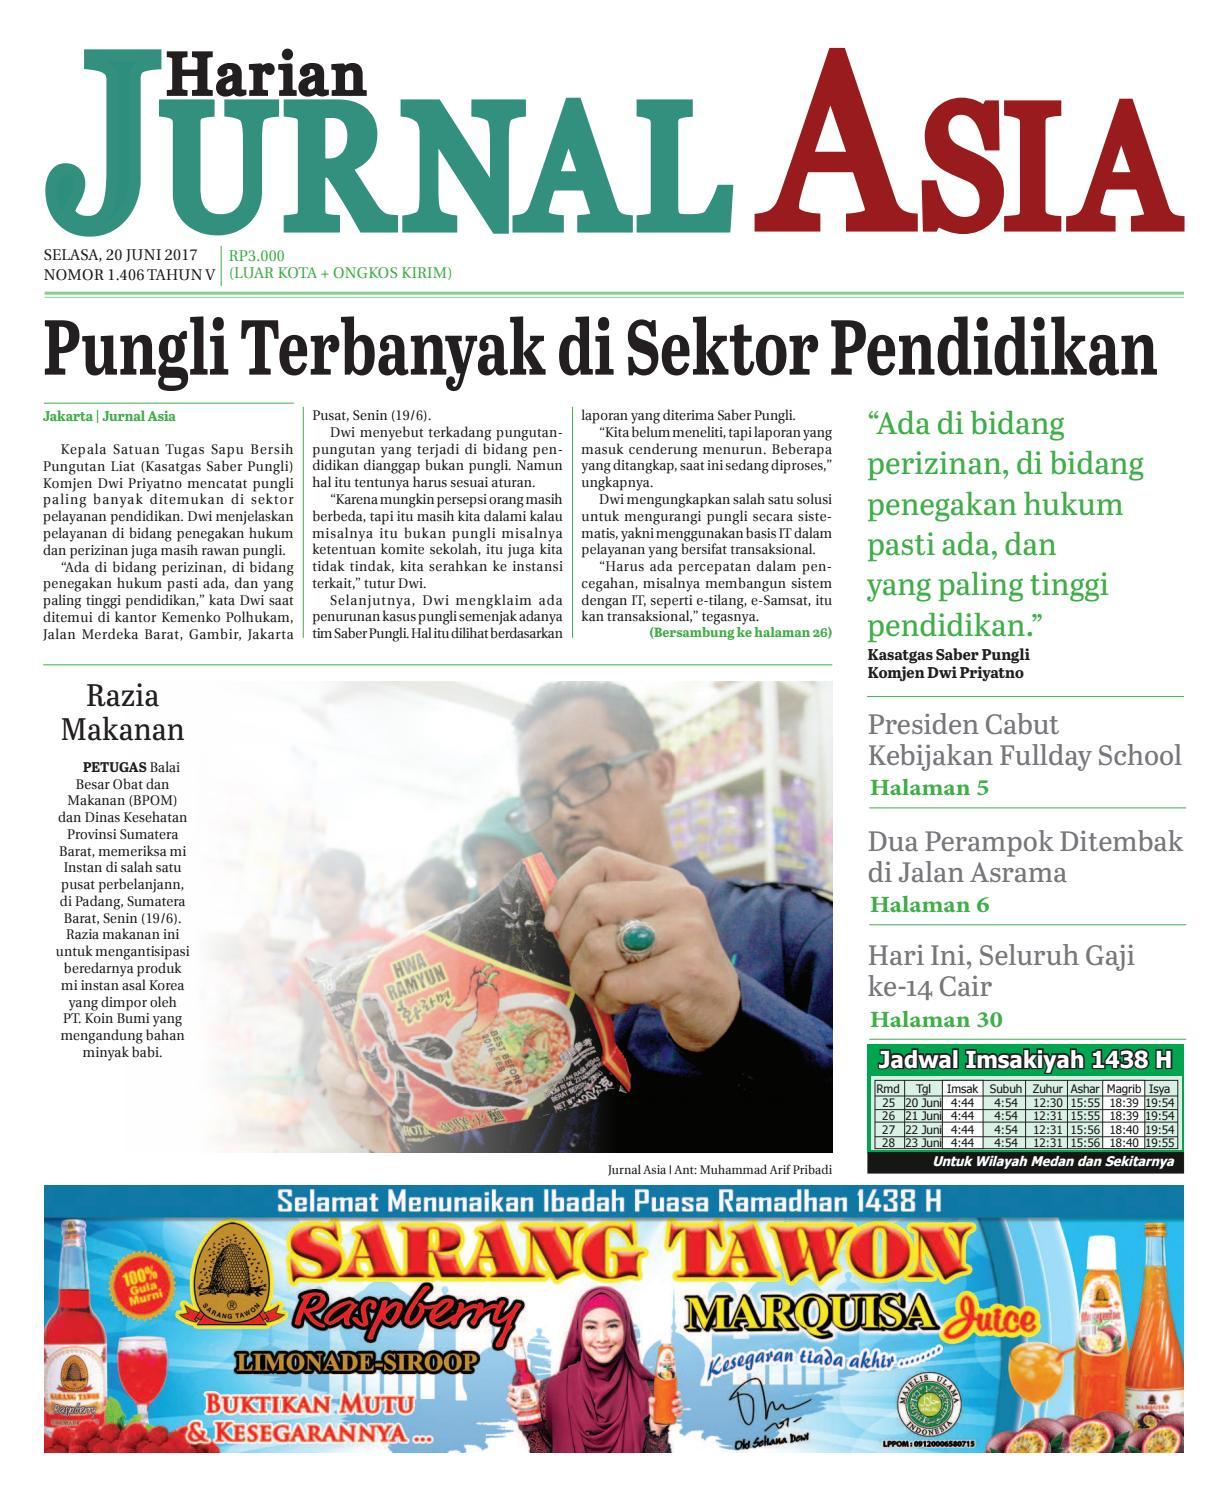 Harian Jurnal Asia Edisi Selasa 20 Juni 2017 By Produk Ukm Bumn Tas Ransel Threepoint Medan Issuu